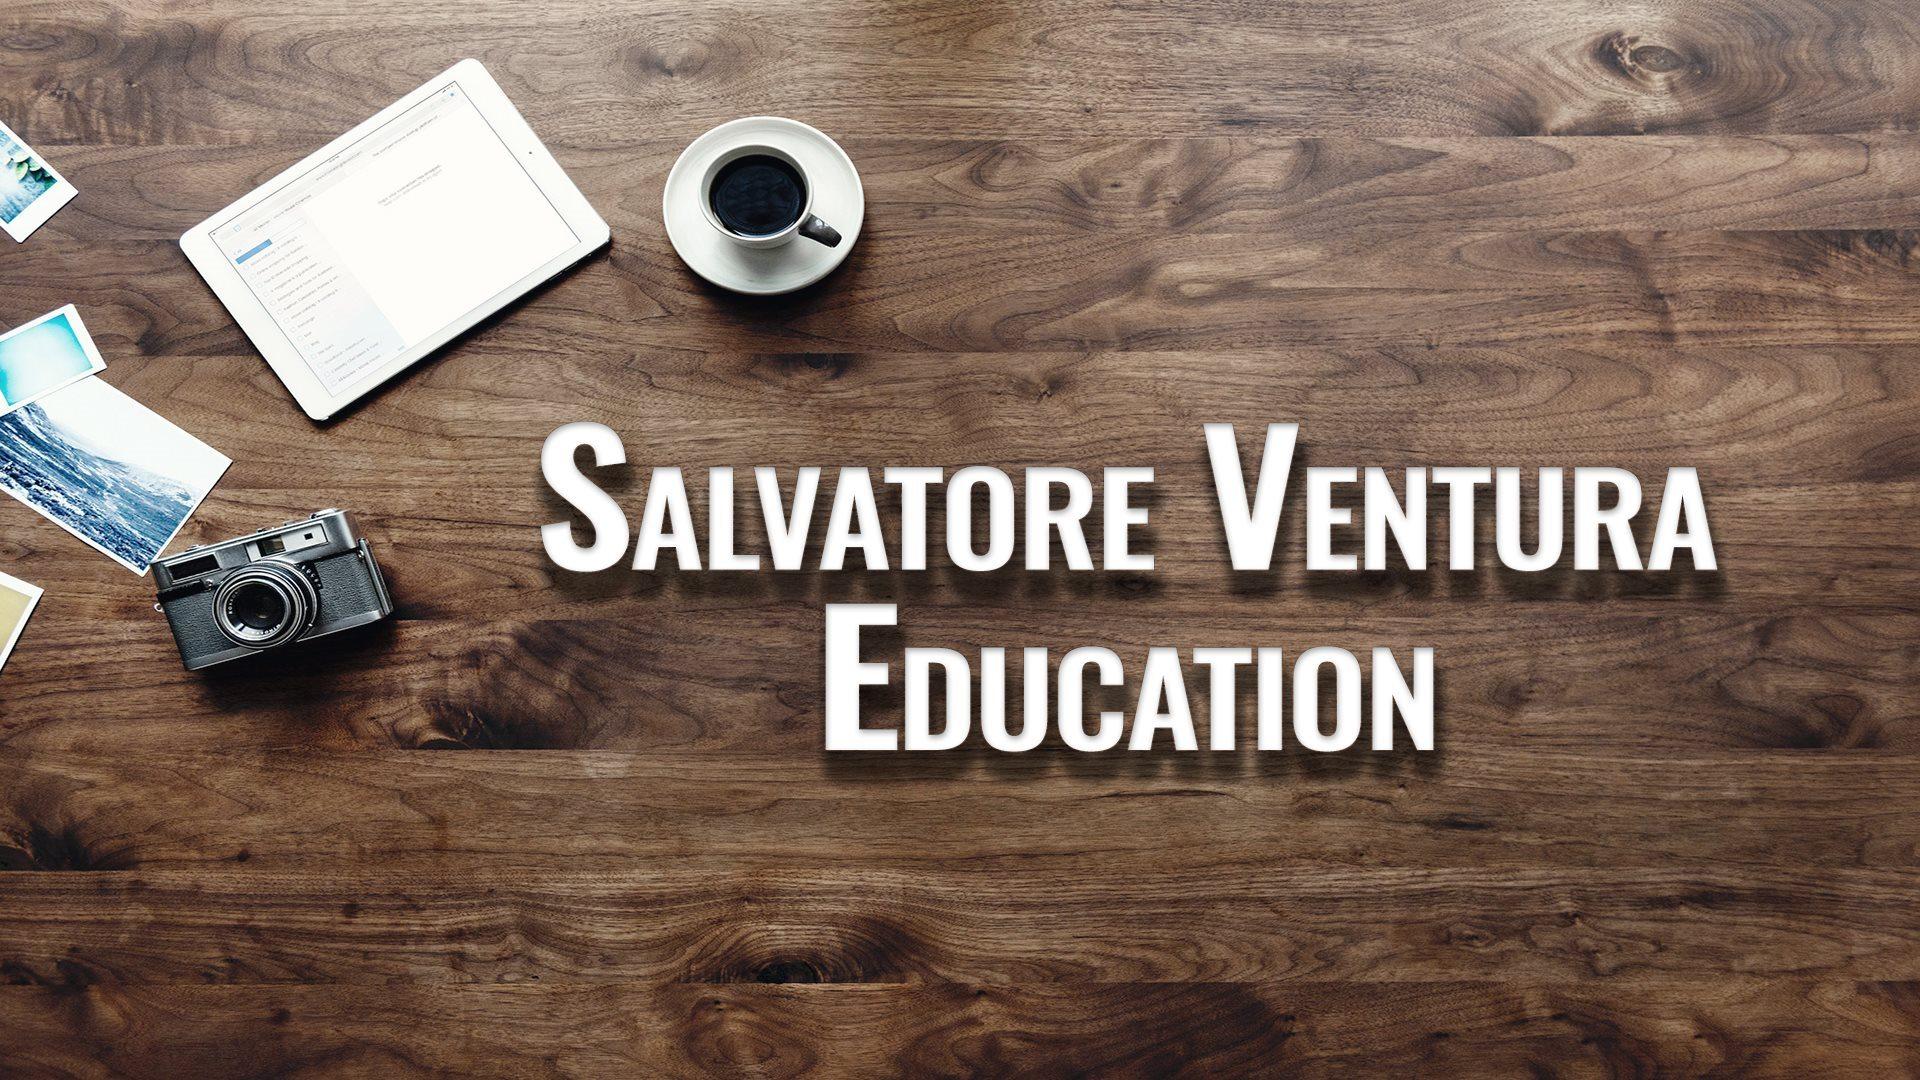 Salvatore Ventura Education